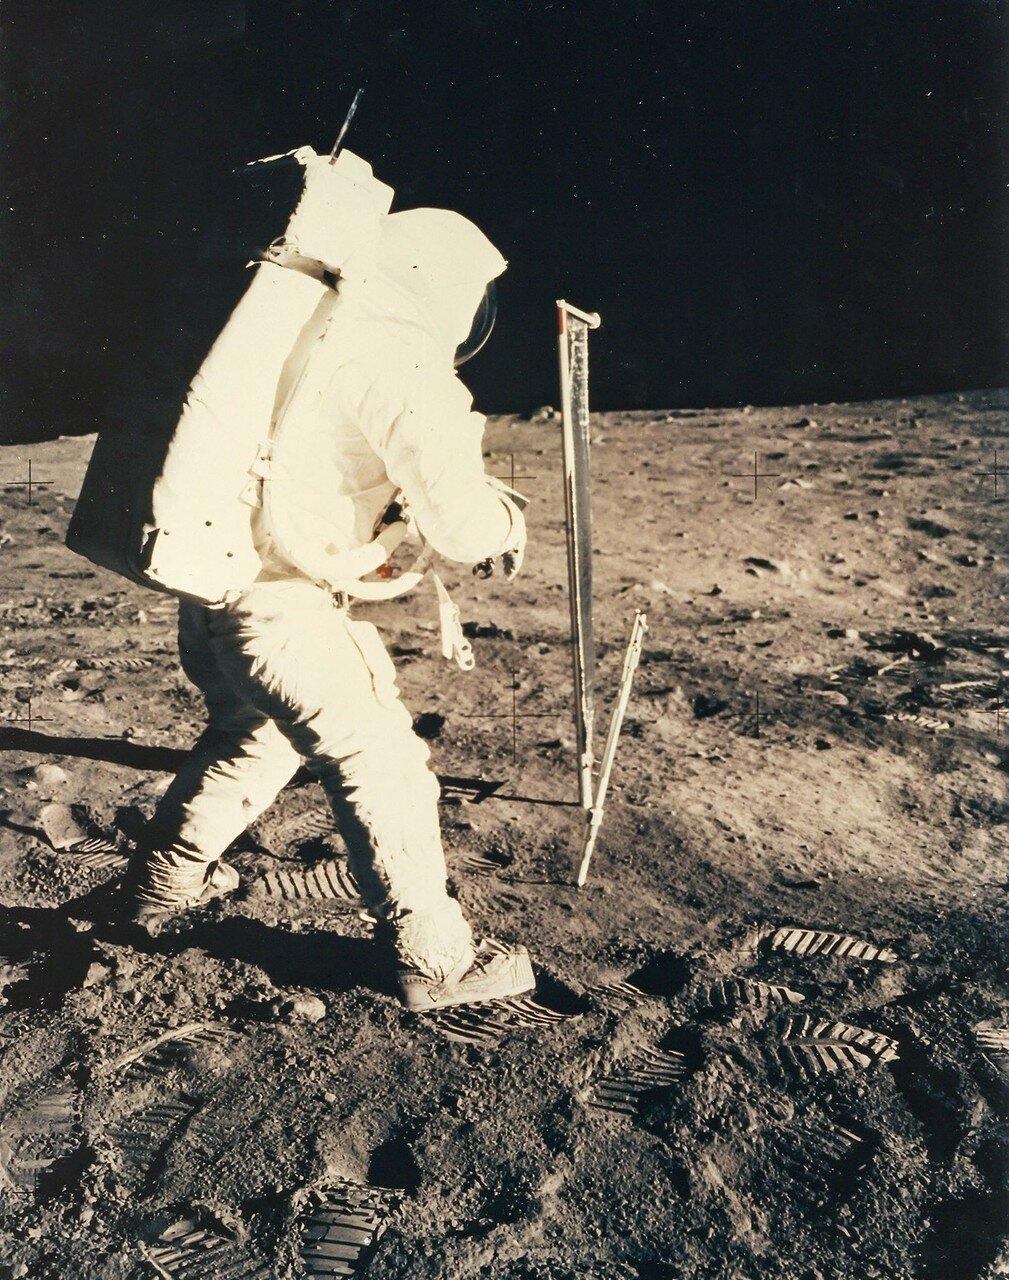 Нужно было собрать документированные образцы лунного грунта. По плану на это отводилось около 30 минут.   На снимке: Базз Олдрин собирает образцы грунта